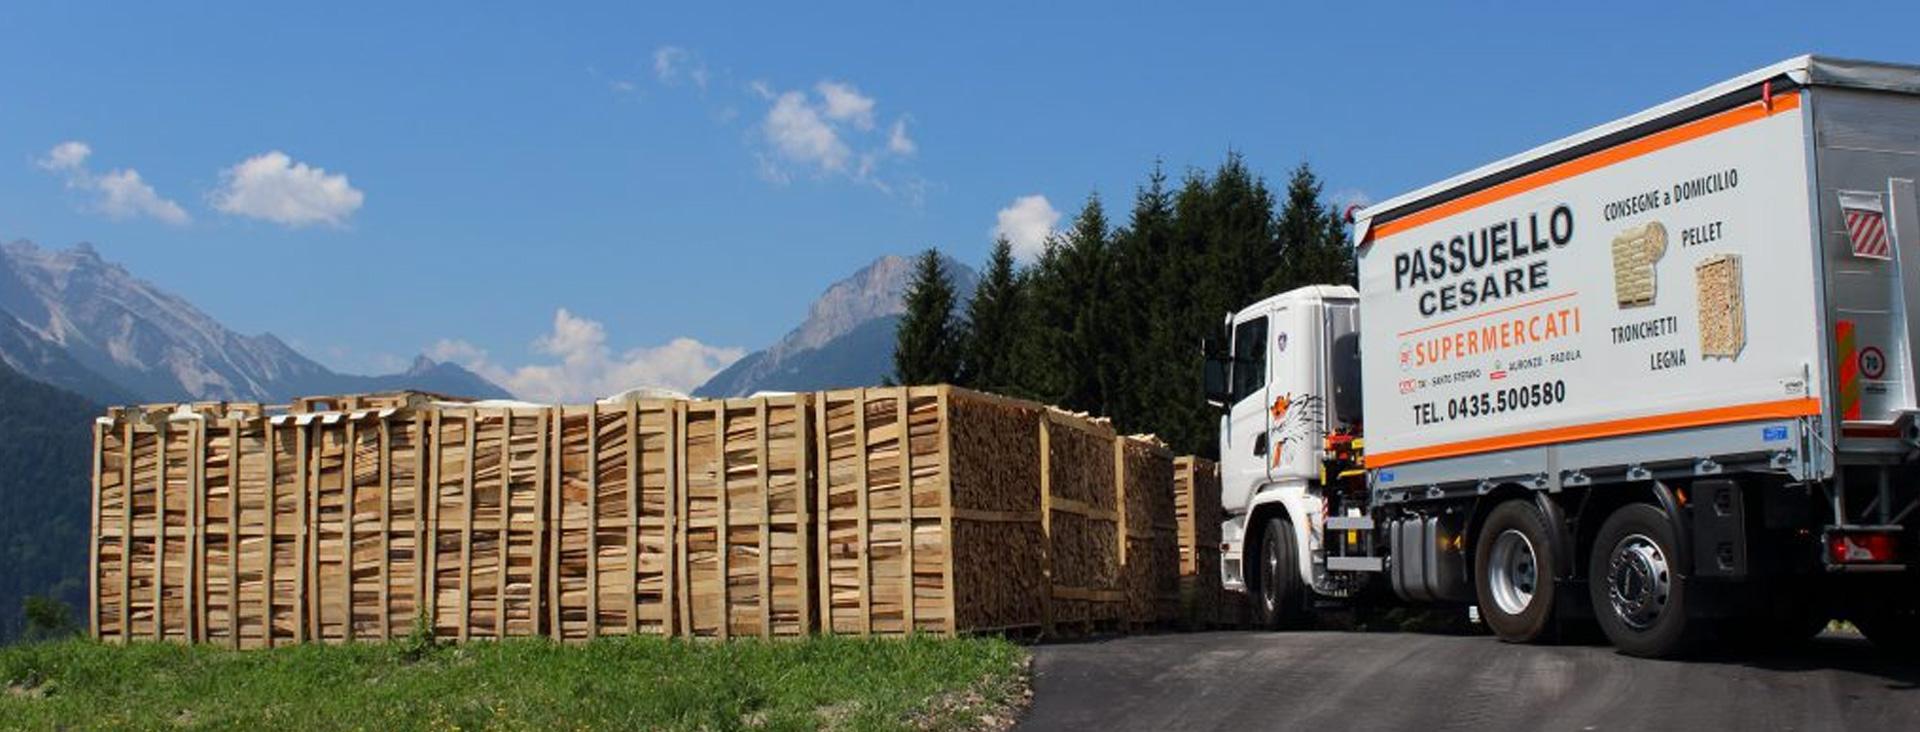 Vendita al dettaglio di biocombustibili